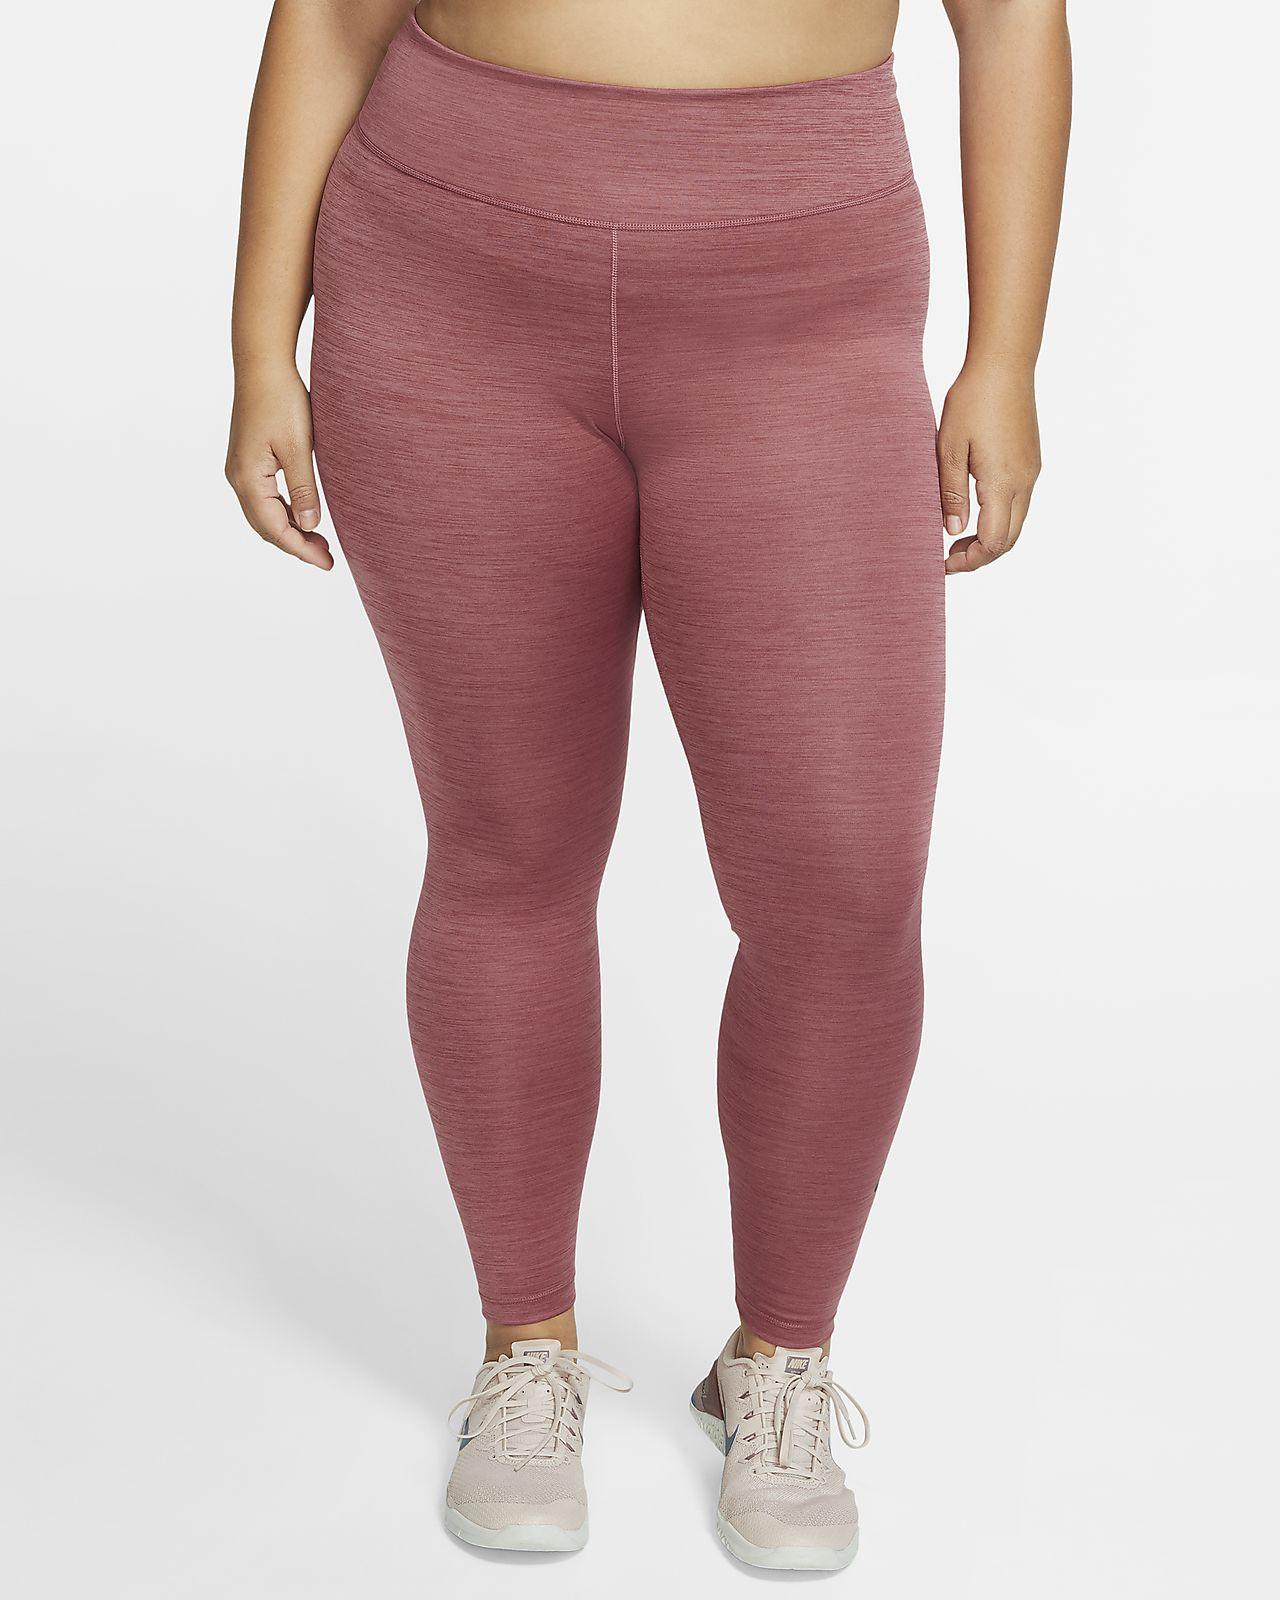 Tights Nike One för kvinnor (stora storlekar)